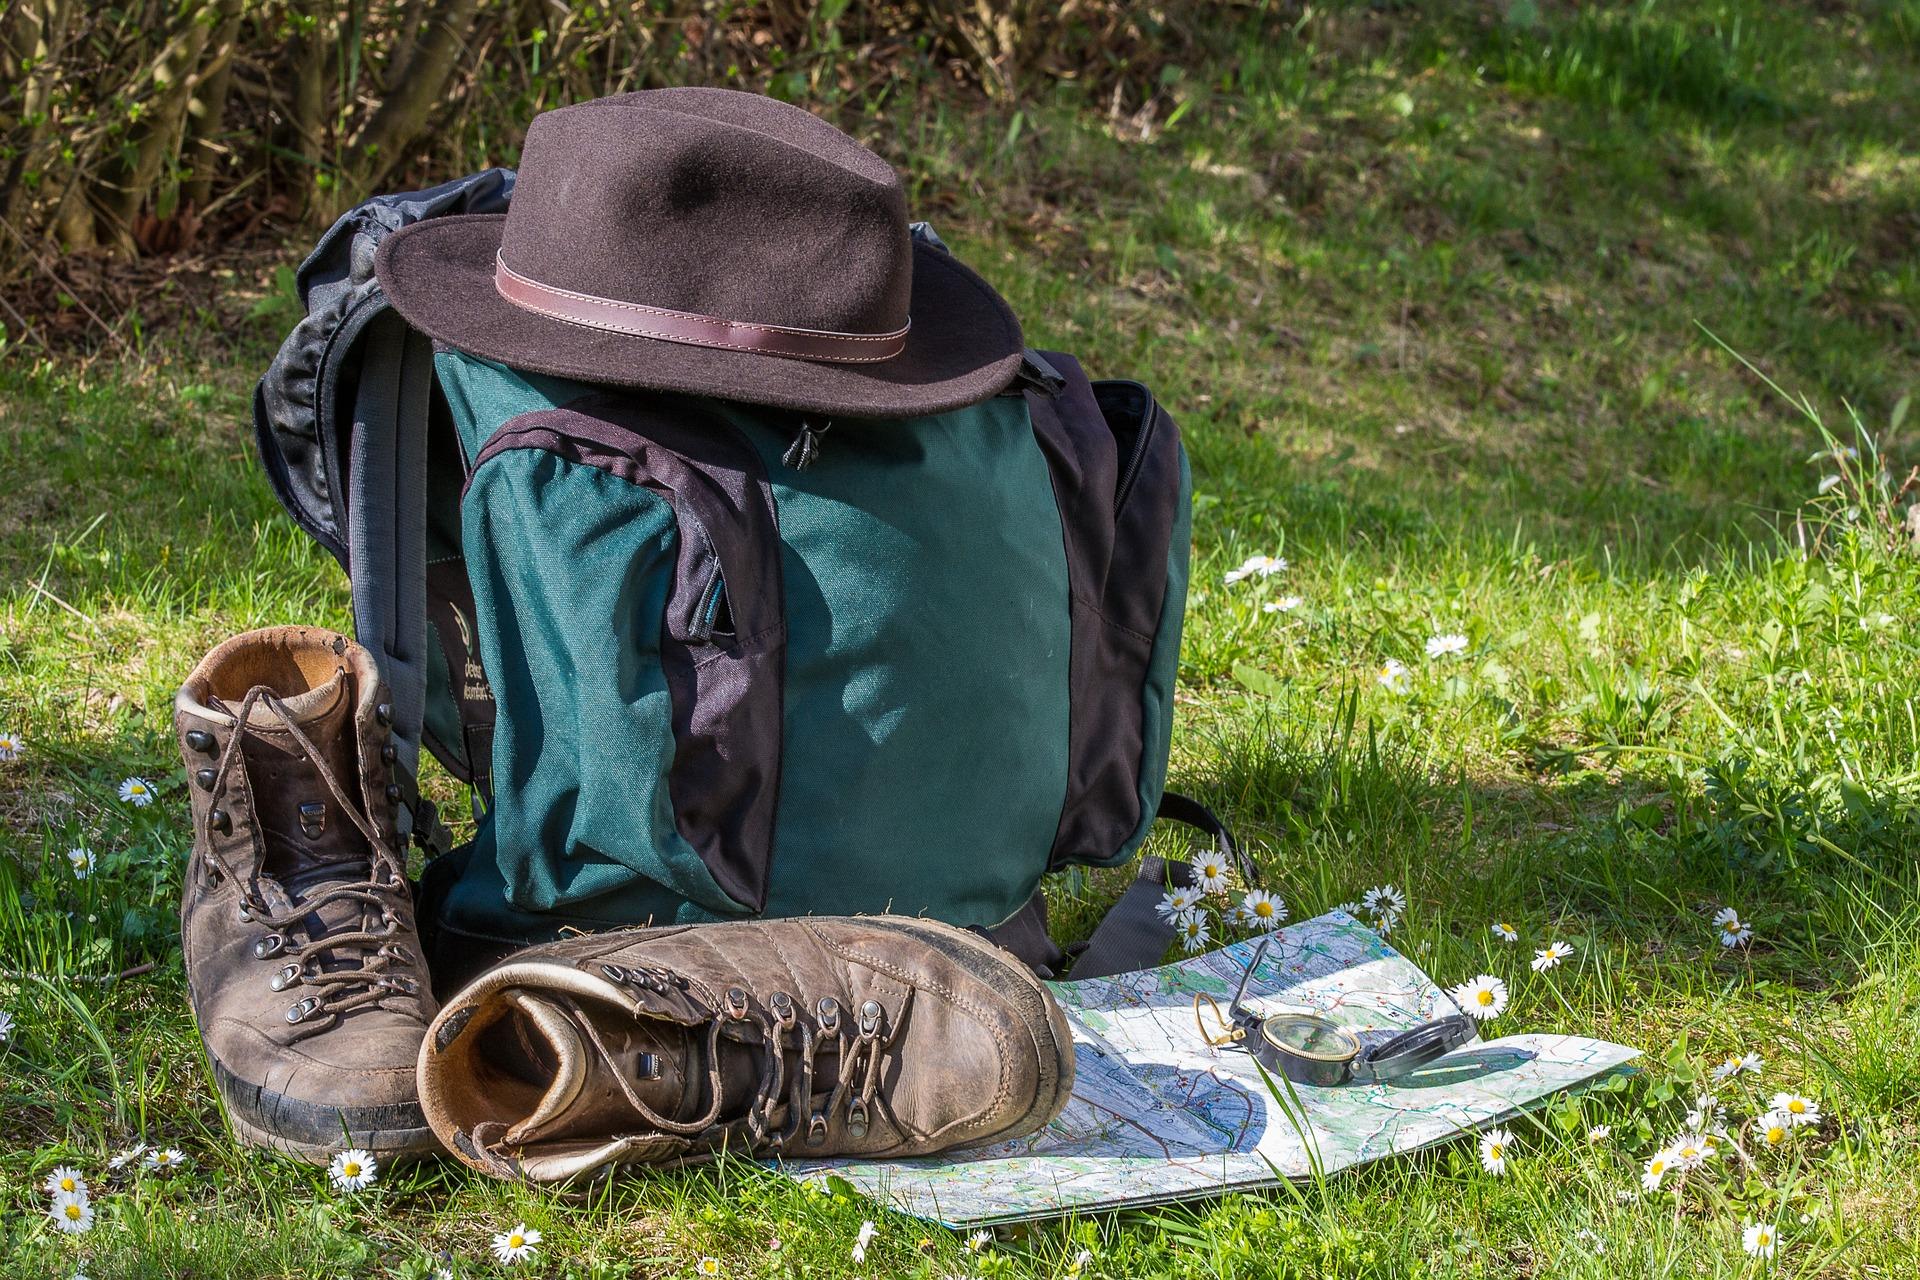 Chaussures de rando et carte